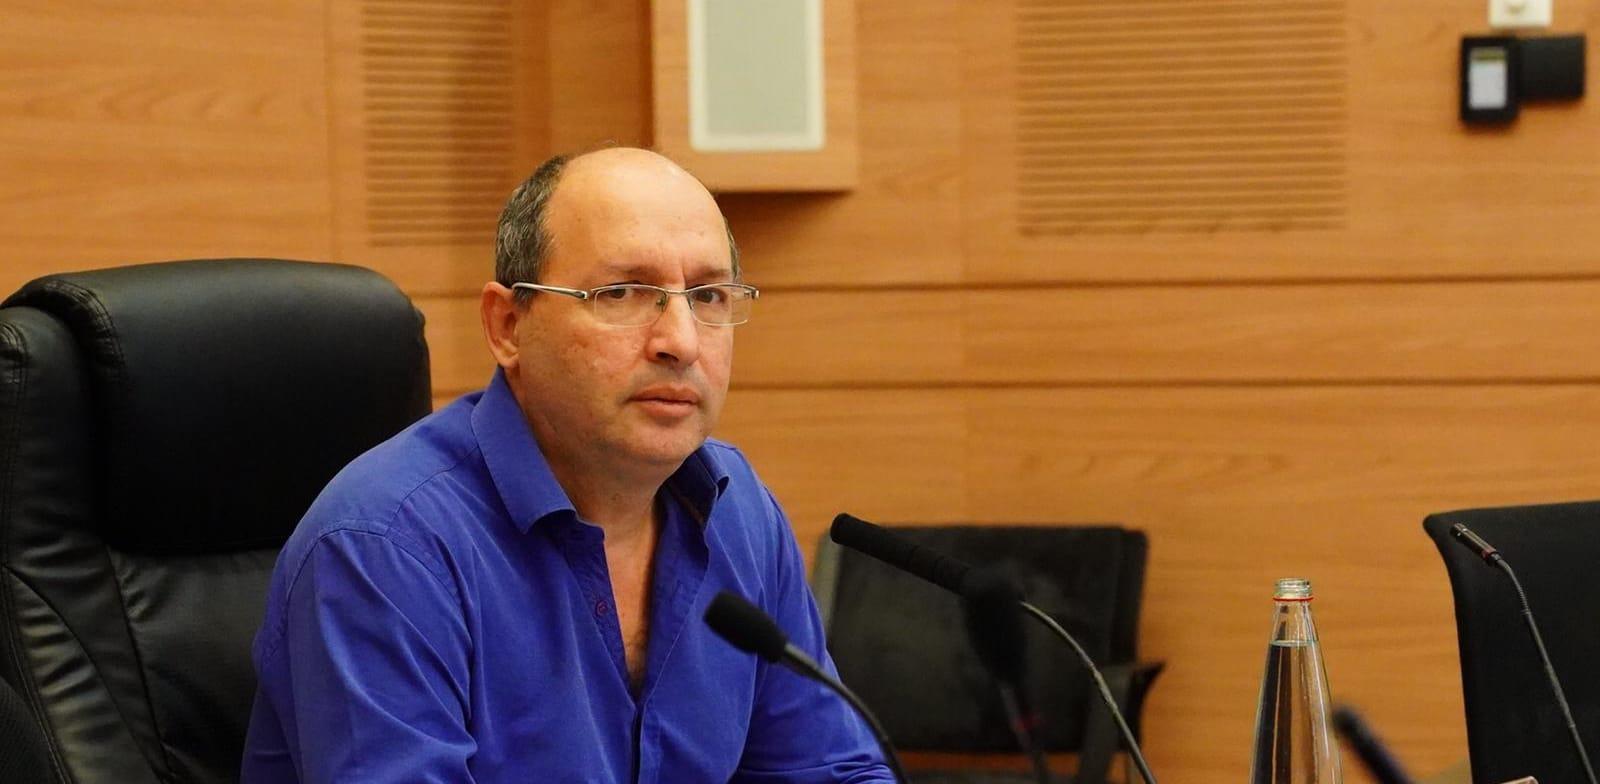 אבי ניסנקורן. גורמים במשרד המשפטים הביעו דאגה מעזיבתו / צילום: דוברות הכנסת, עדינה ולמן